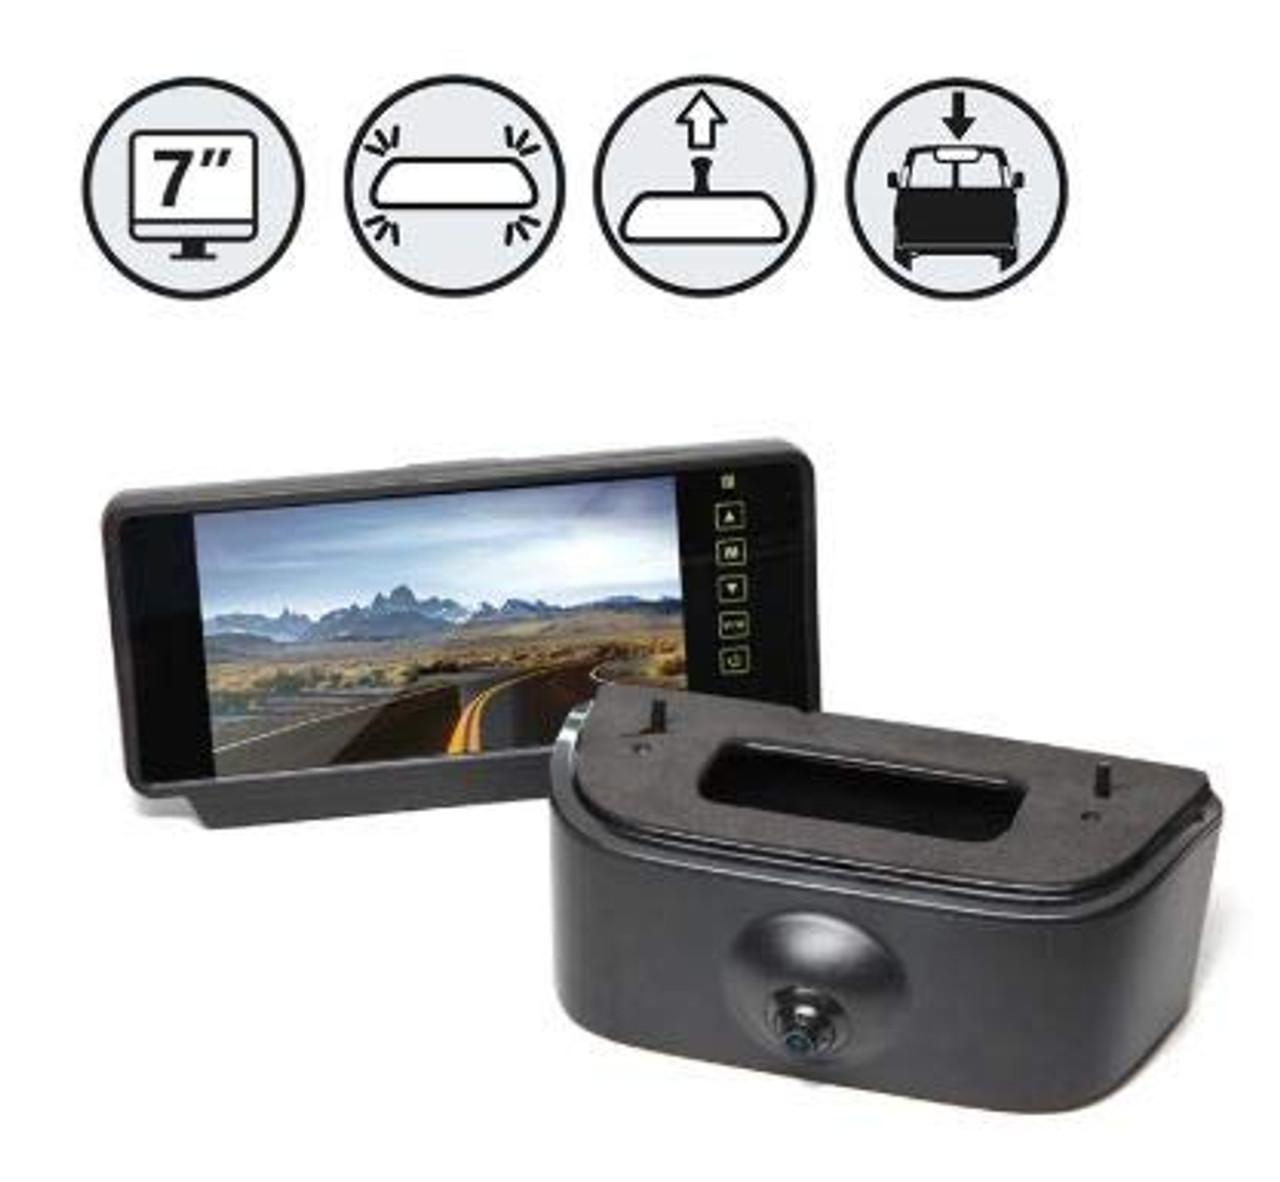 Backup Camera System for Nissan NV200 Vans (RVS-919619-NM)